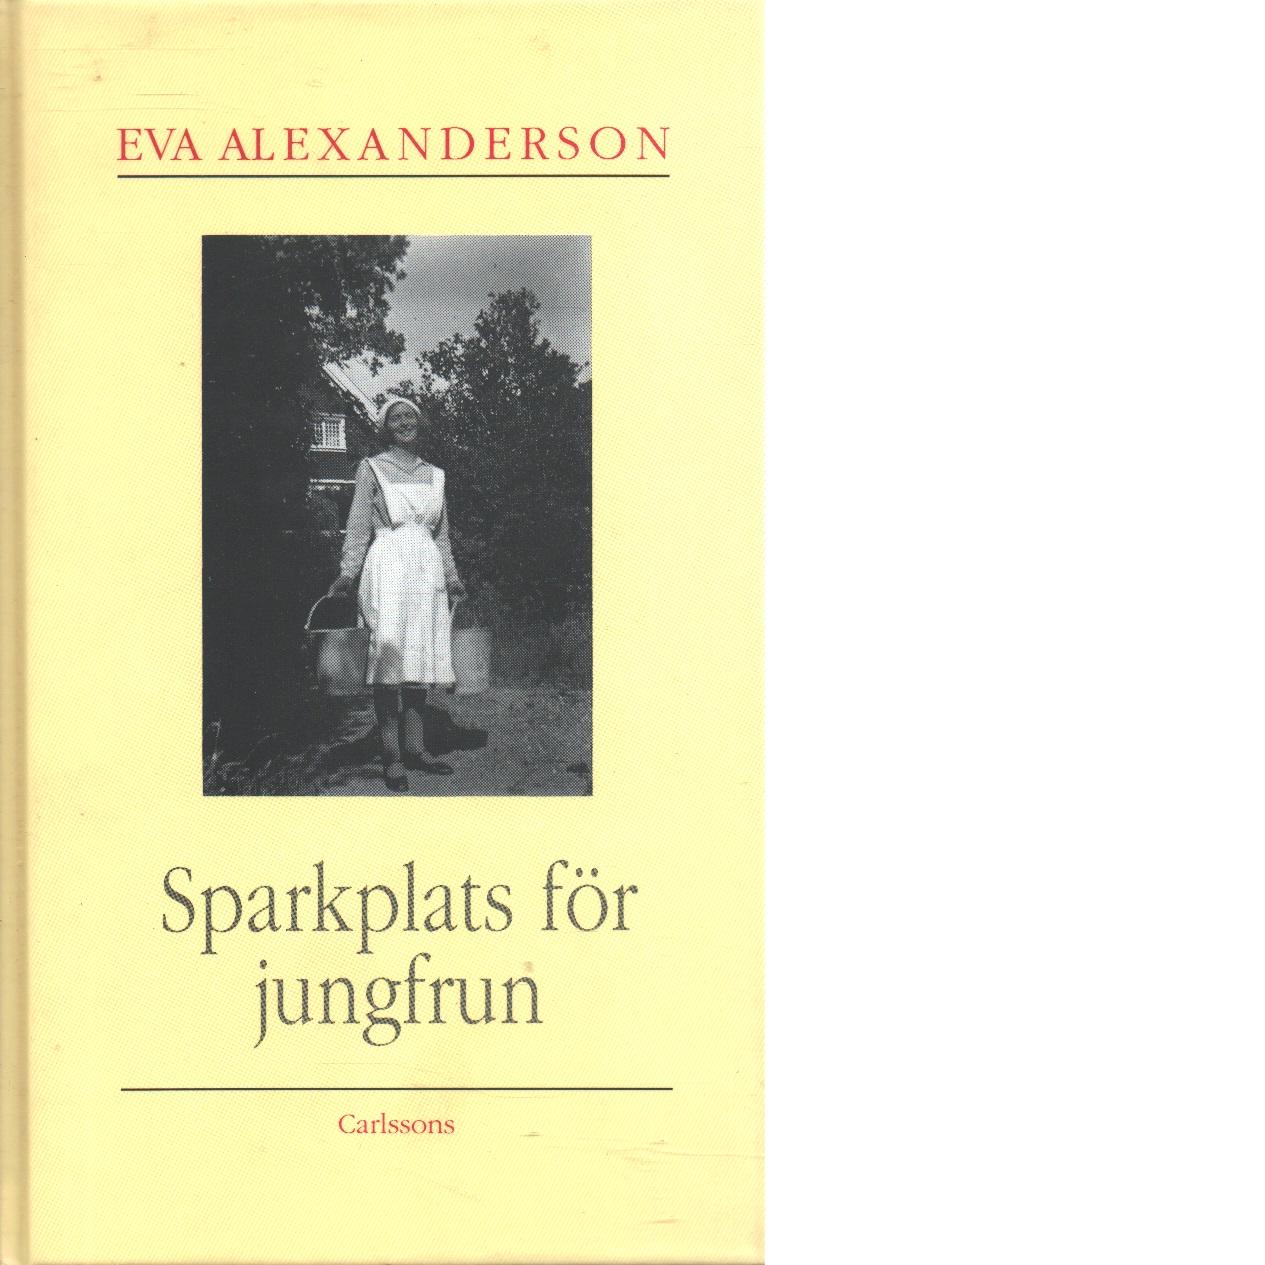 Sparkplats för jungfrun : ett socialmänskligt collage - Alexanderson, Eva,